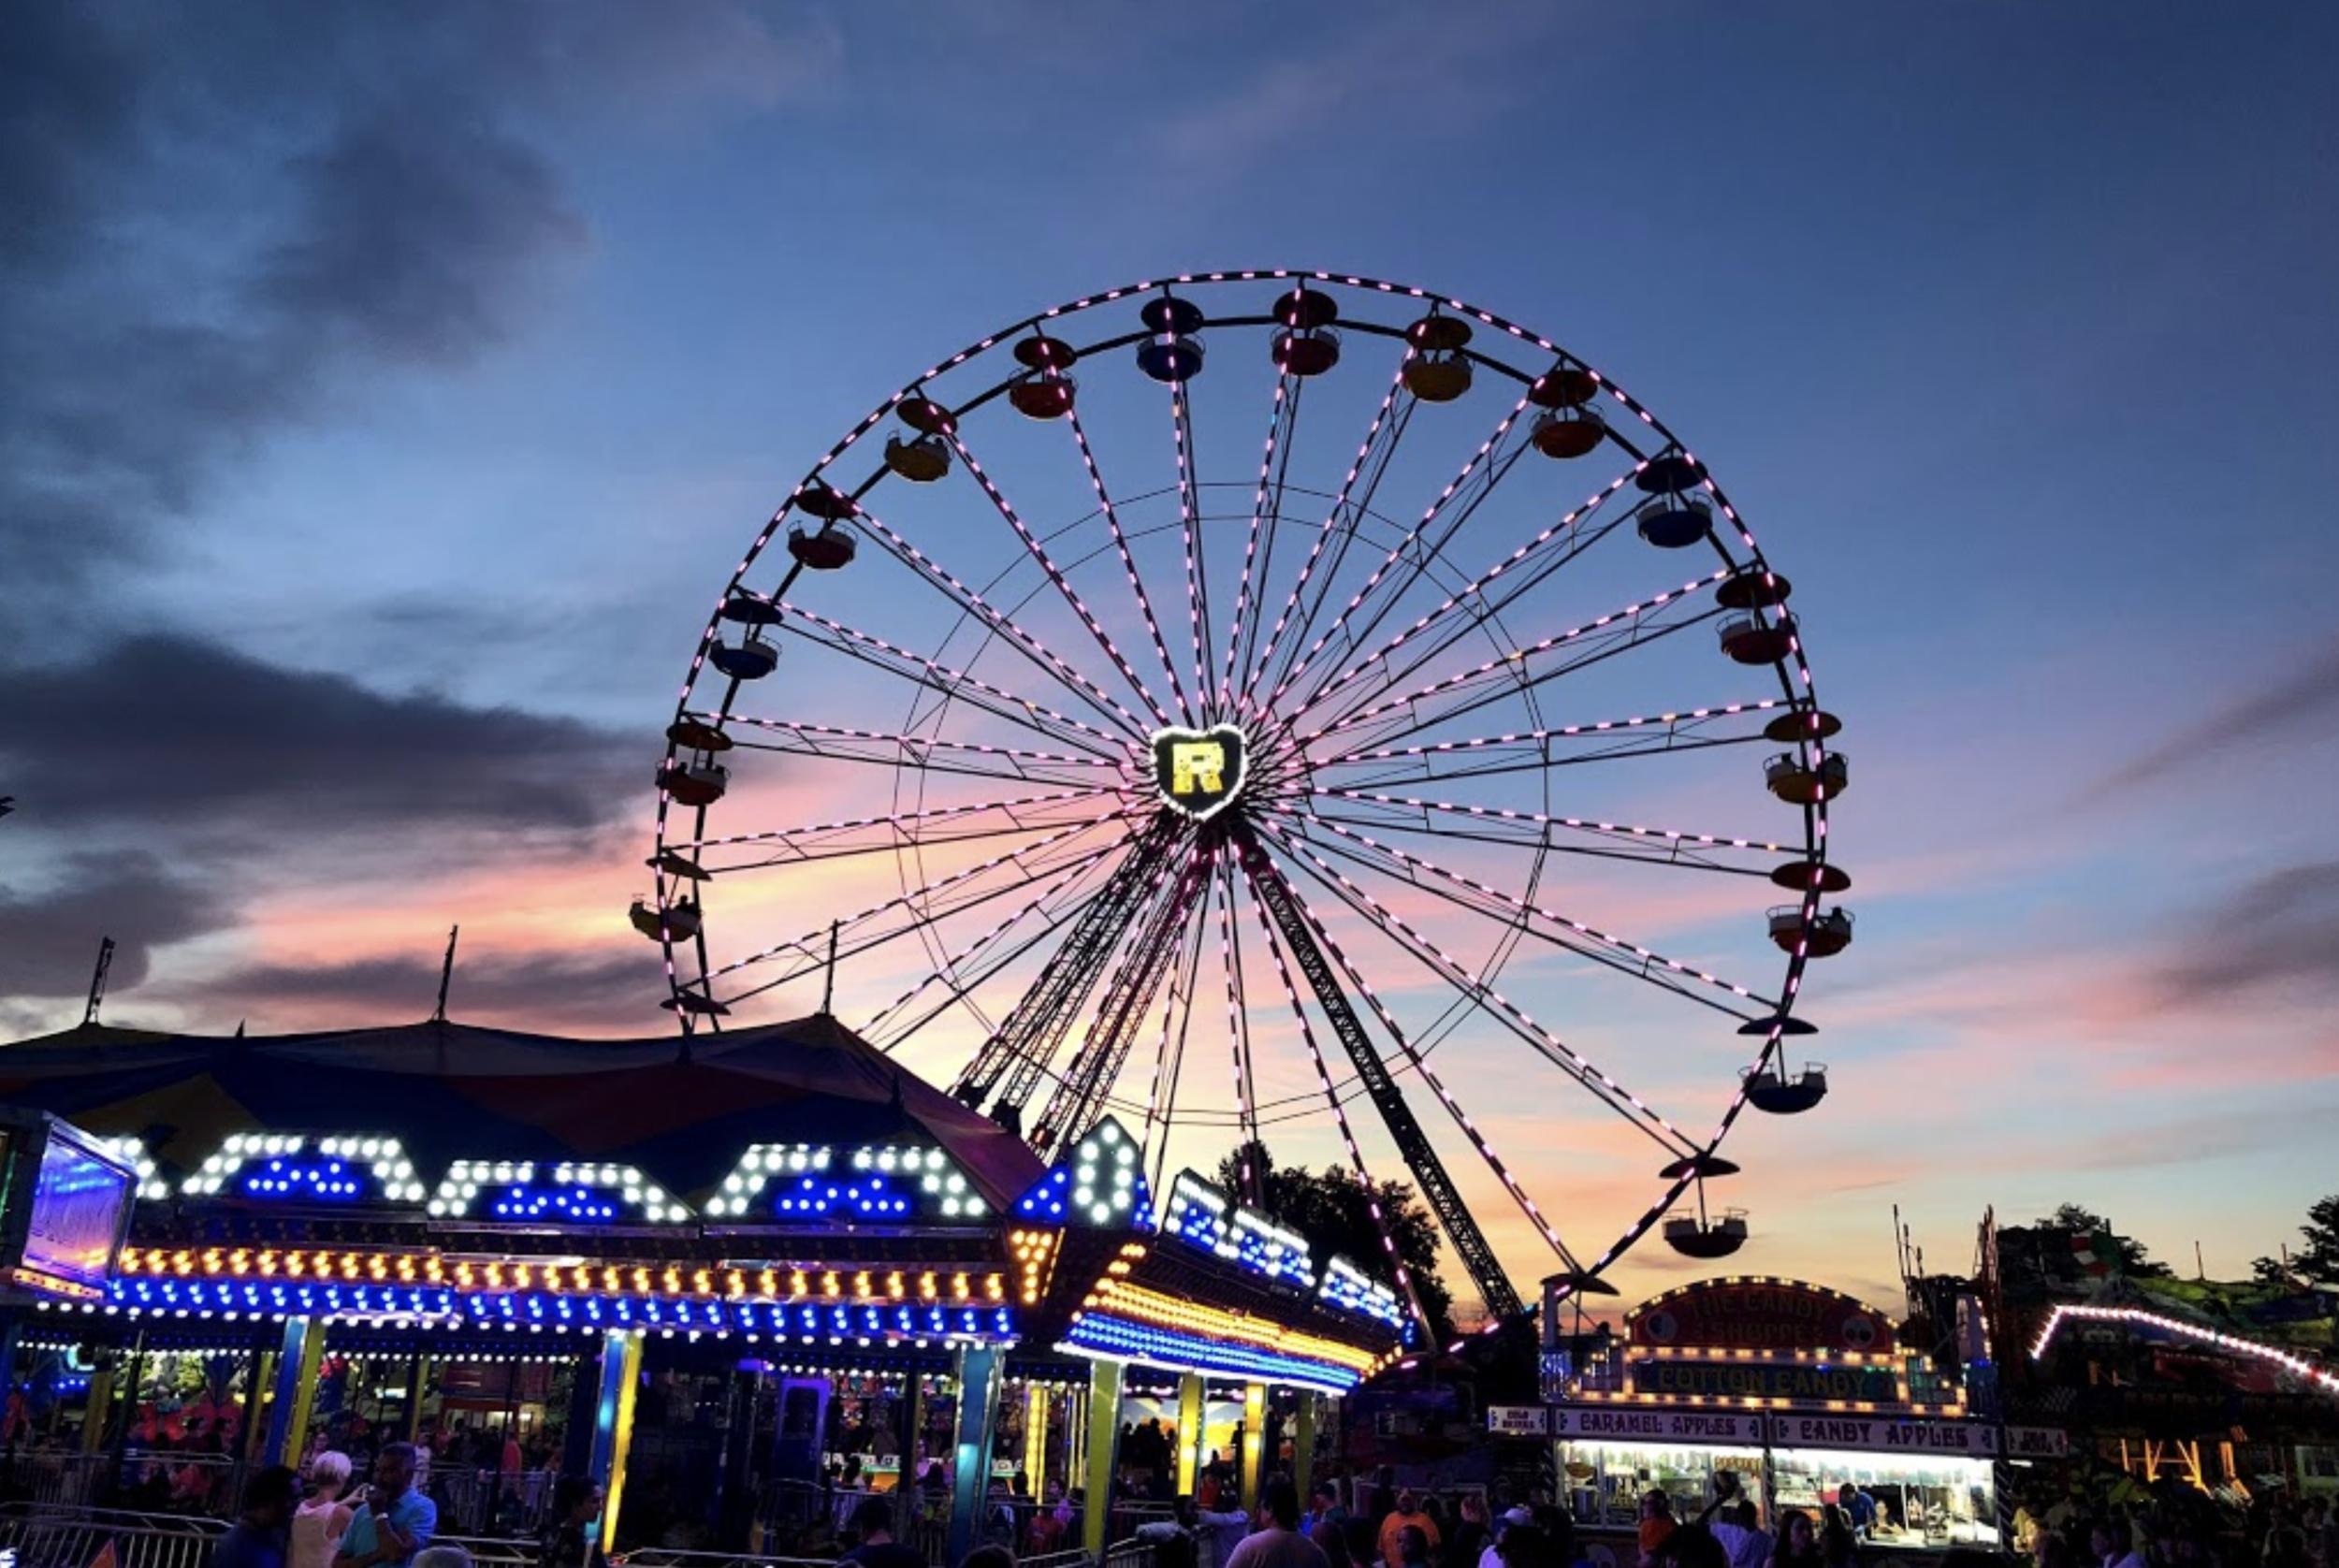 Frederick Ferris wheel